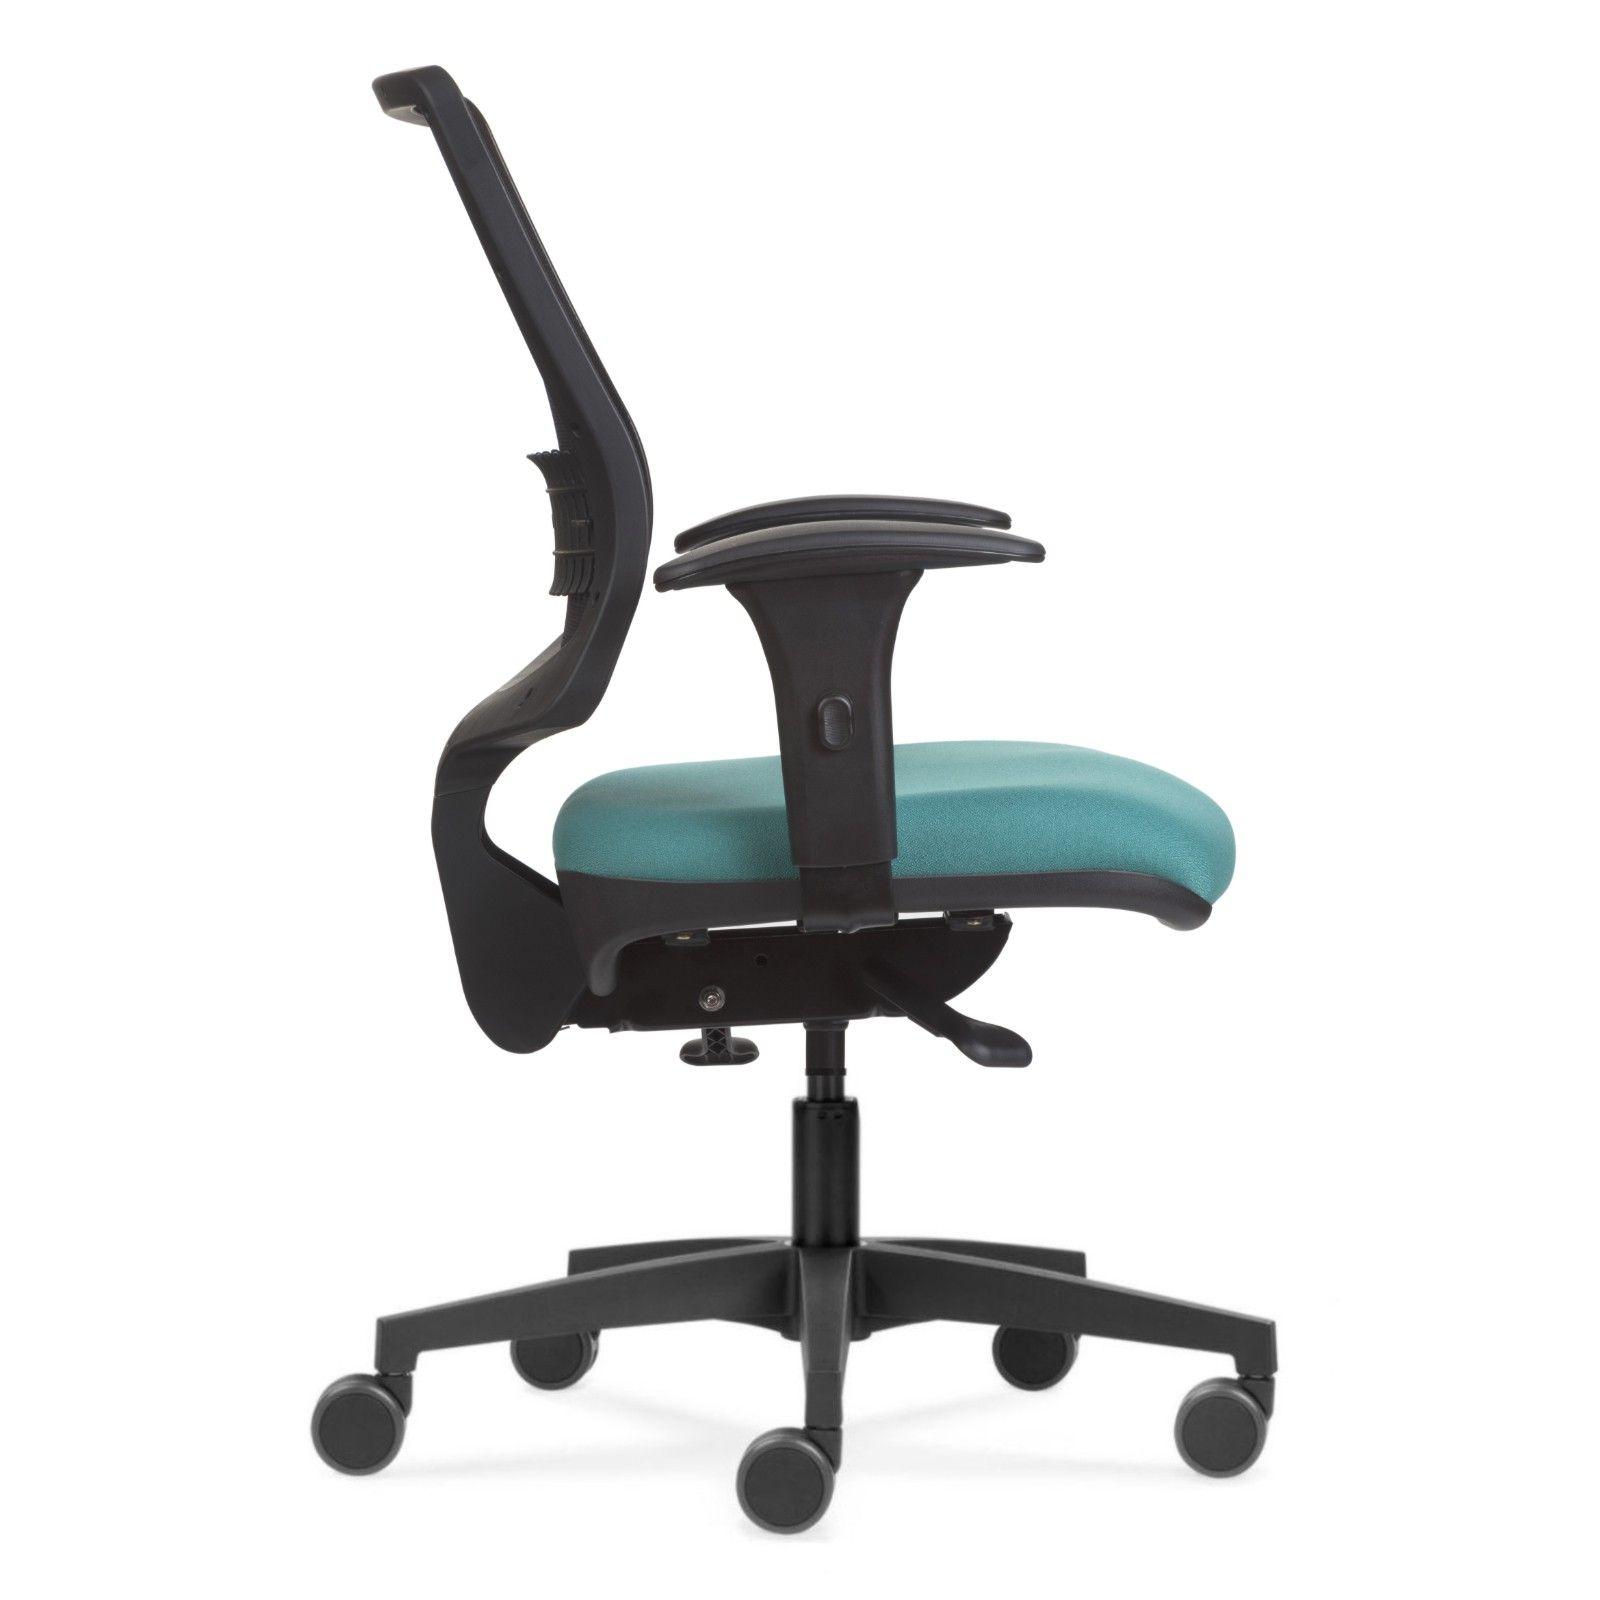 cadeira uni me black n green